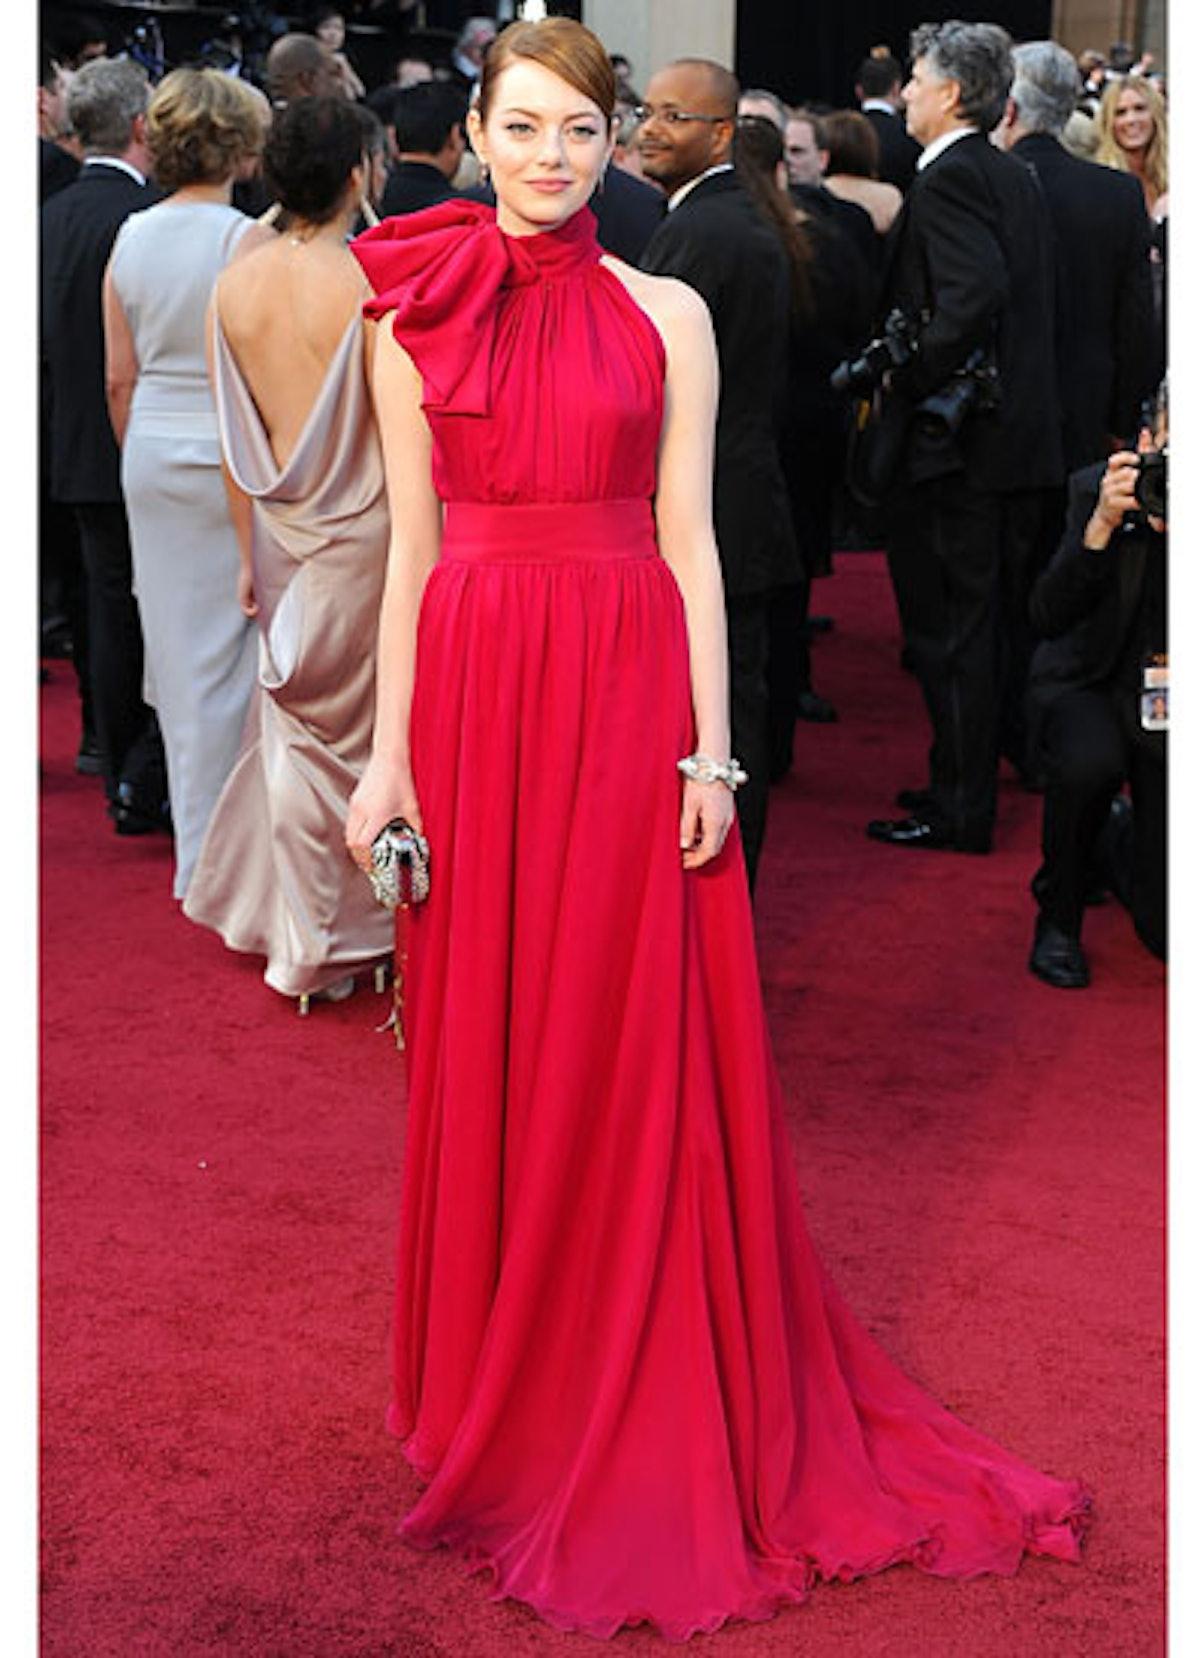 cess-oscars-red-carpet-2012-09-v.jpg